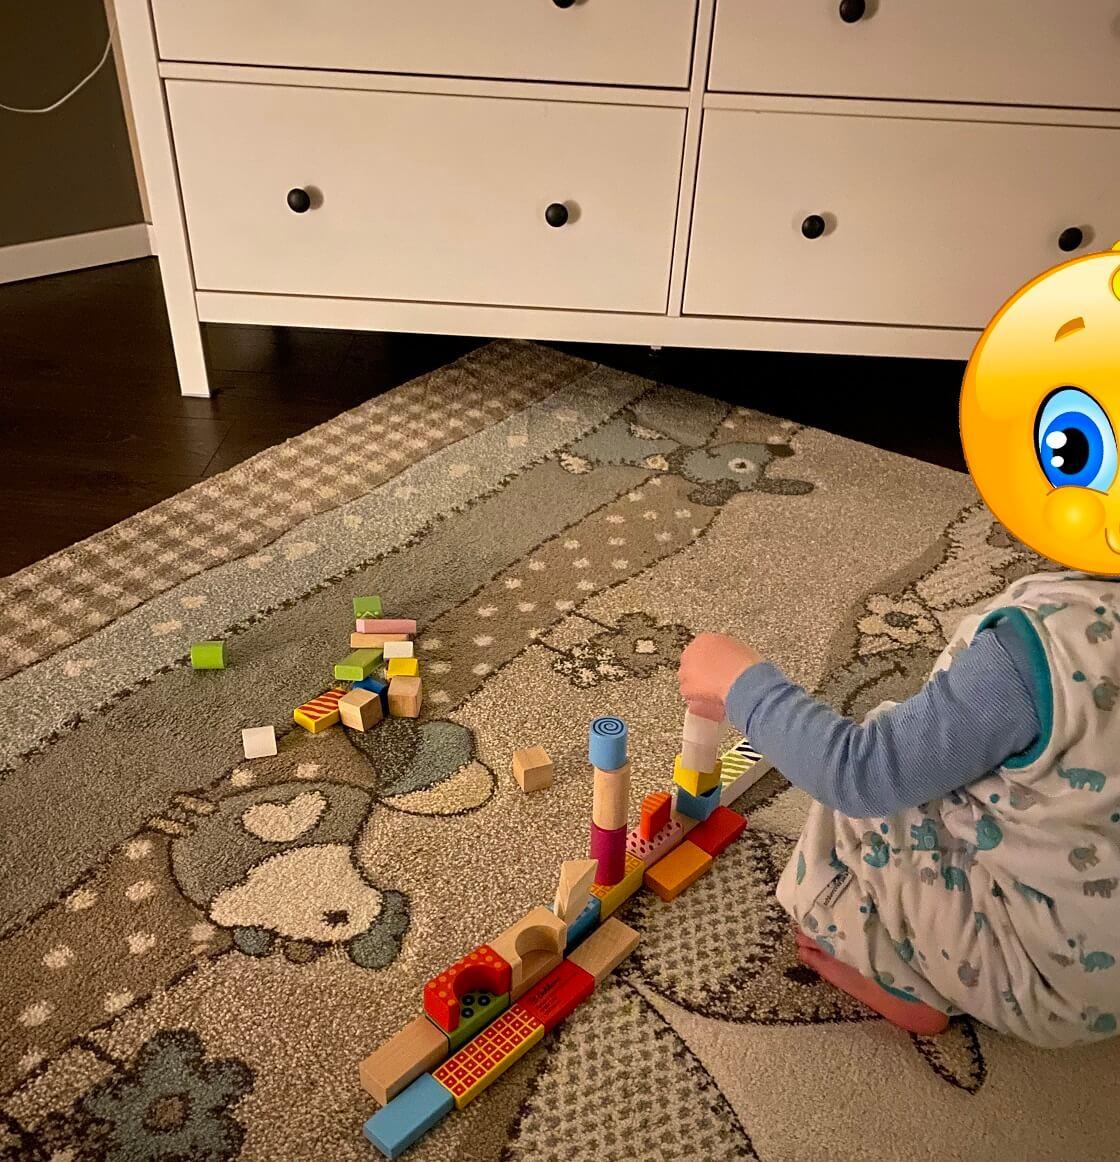 Bei uns wurde gerne auch mal direkt vor dem Einschlafen noch mal mit den Bausteinen gespielt und gestapelt